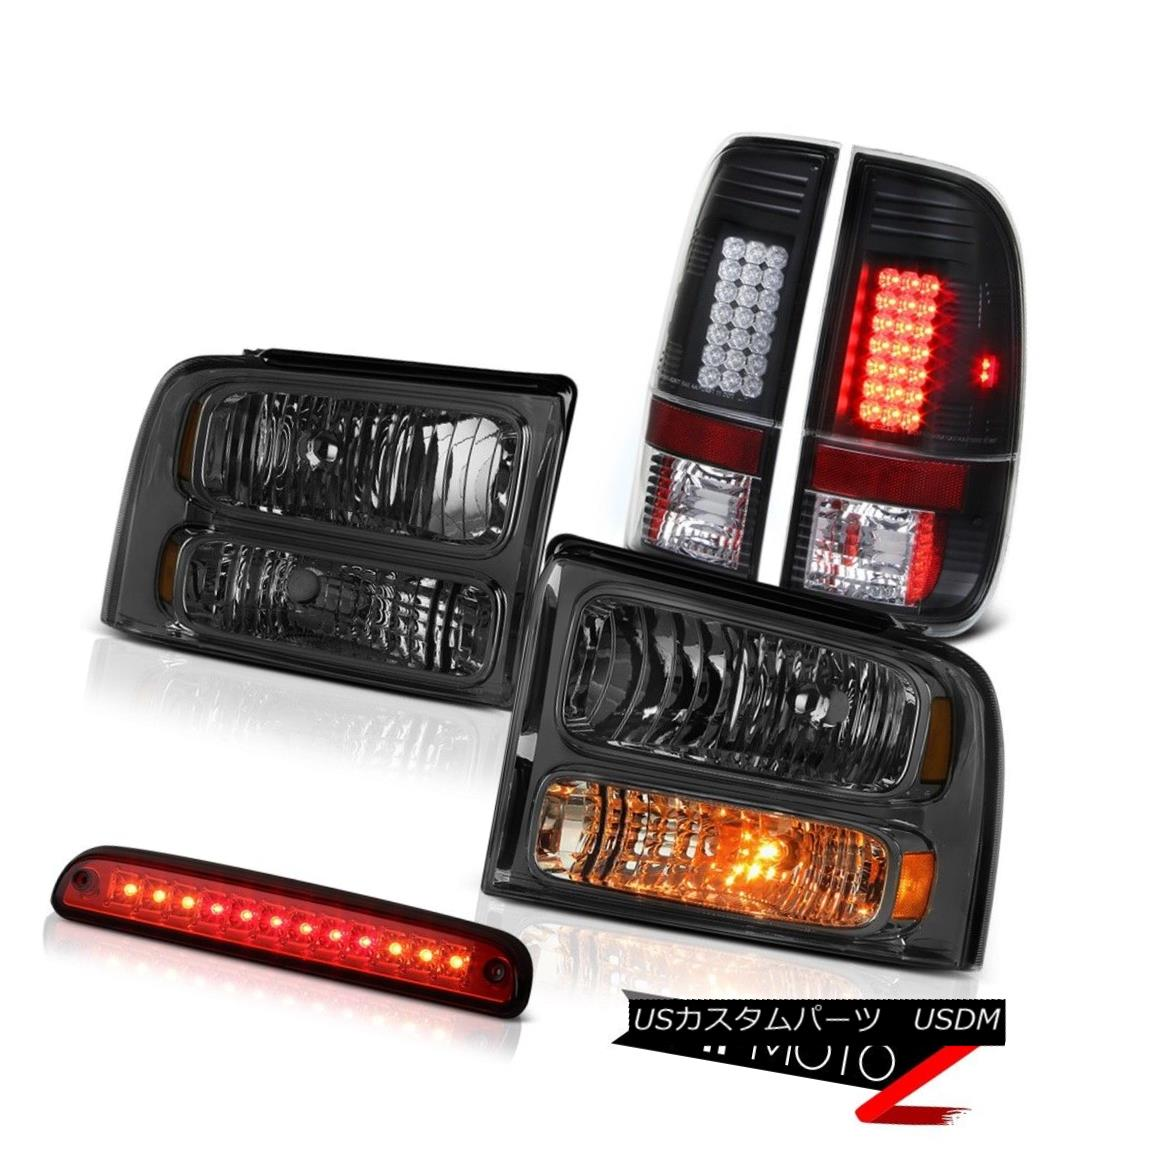 テールライト 2005 2006 2007 F250 5.4L Dark Smoke Headlamps Black LED Tail Lamps High Stop Red 2005 2006 2007 F250 5.4LダークスモークヘッドランプブラックLEDテールランプハイストップレッド